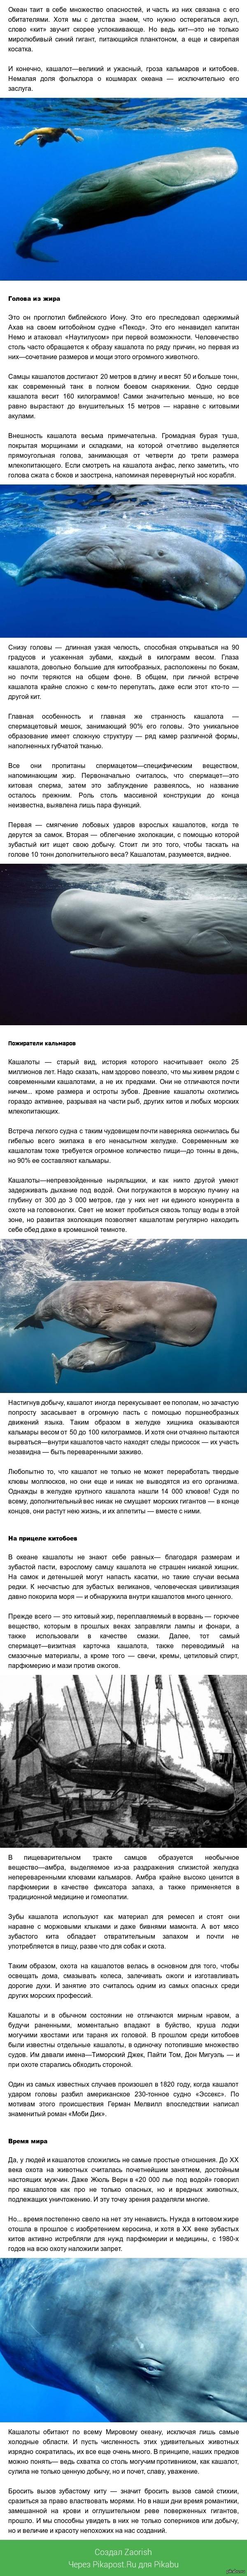 Кашалоты - титаны океана